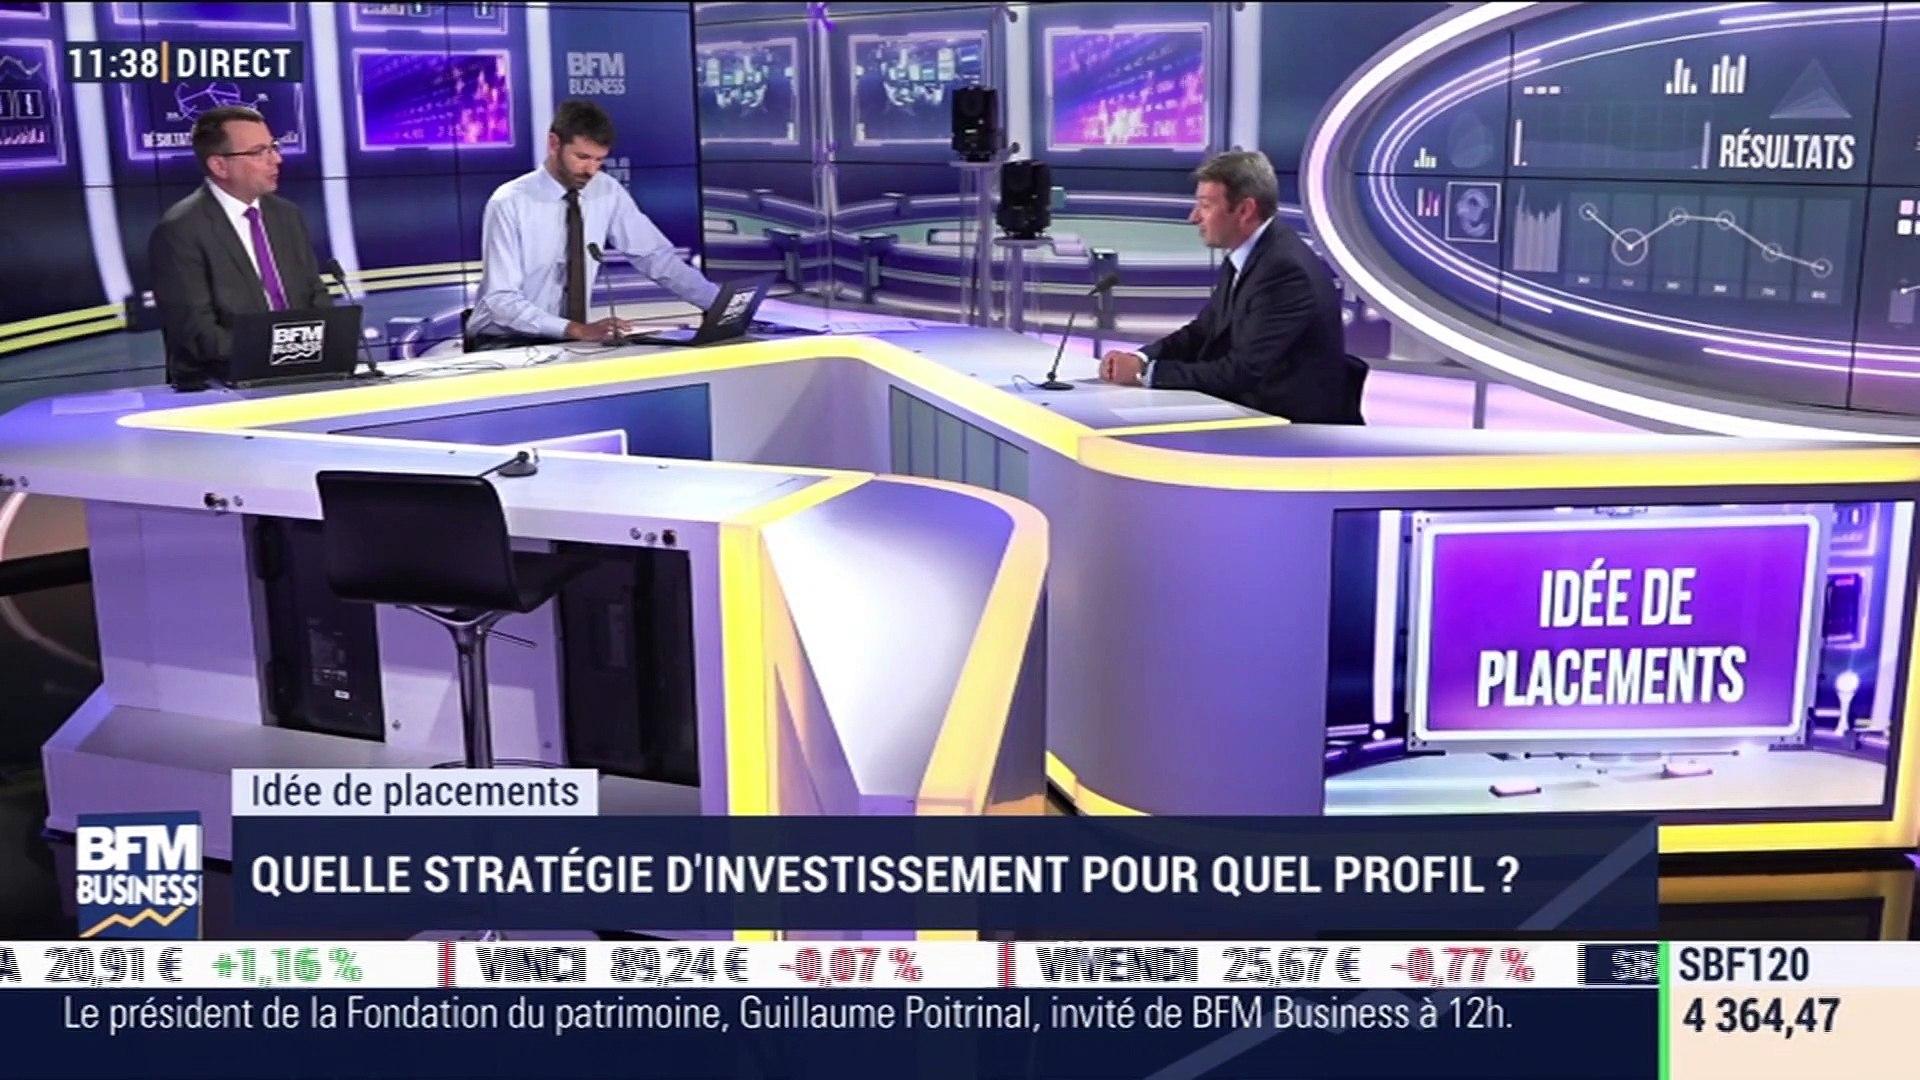 Idée De Photo De Profil idées de placements: quelle stratégie d'investissement pour quel profil ? -  16/04